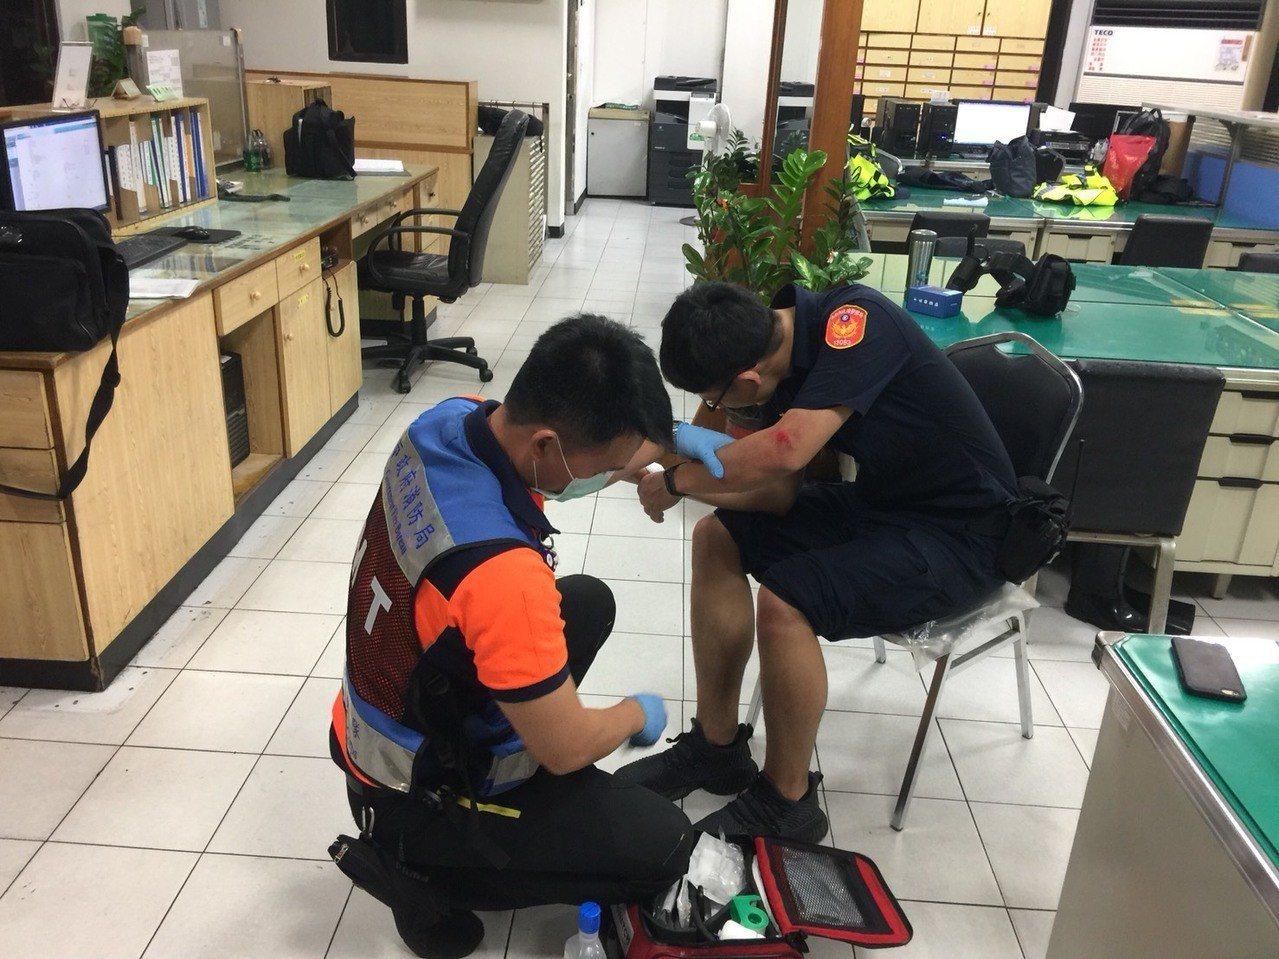 警員洪福臨追捕拒檢外籍移工,手腳擦傷,救護人員為他裹傷。記者黃宣翰/翻攝